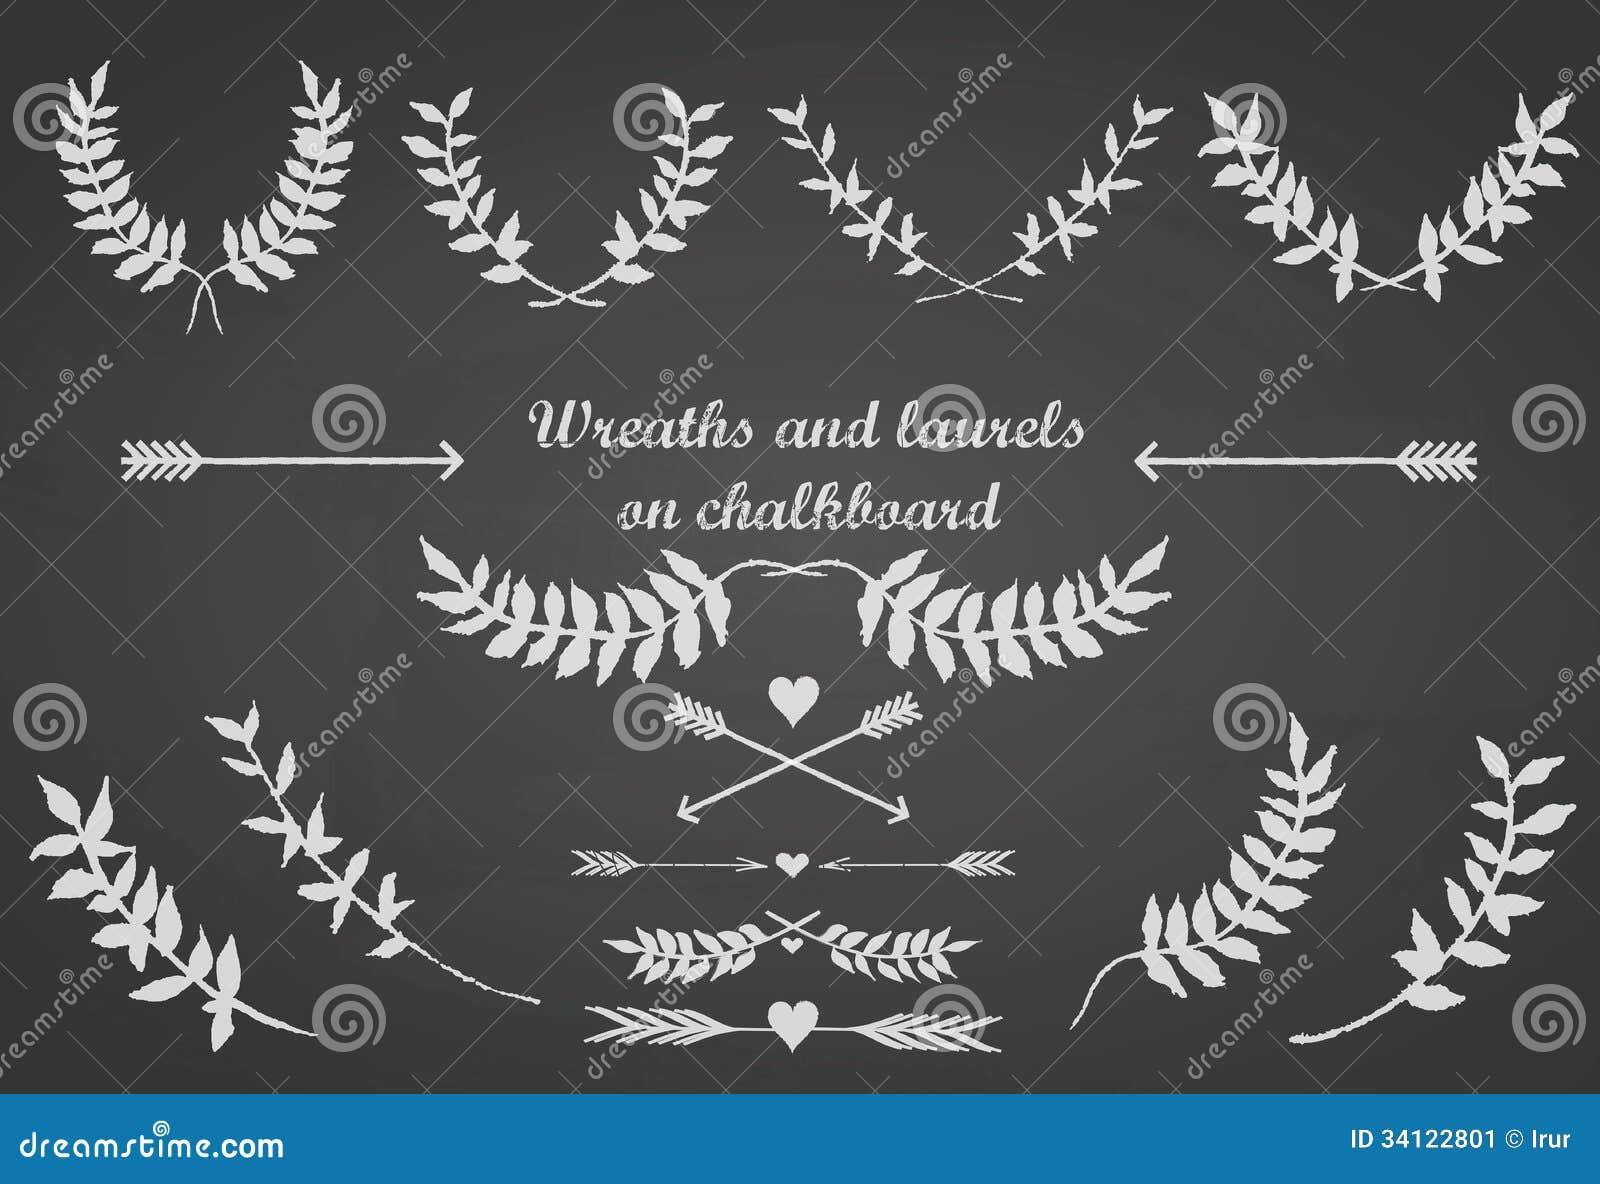 Le tableau a placé avec des lauriers, des flèches et des coeurs